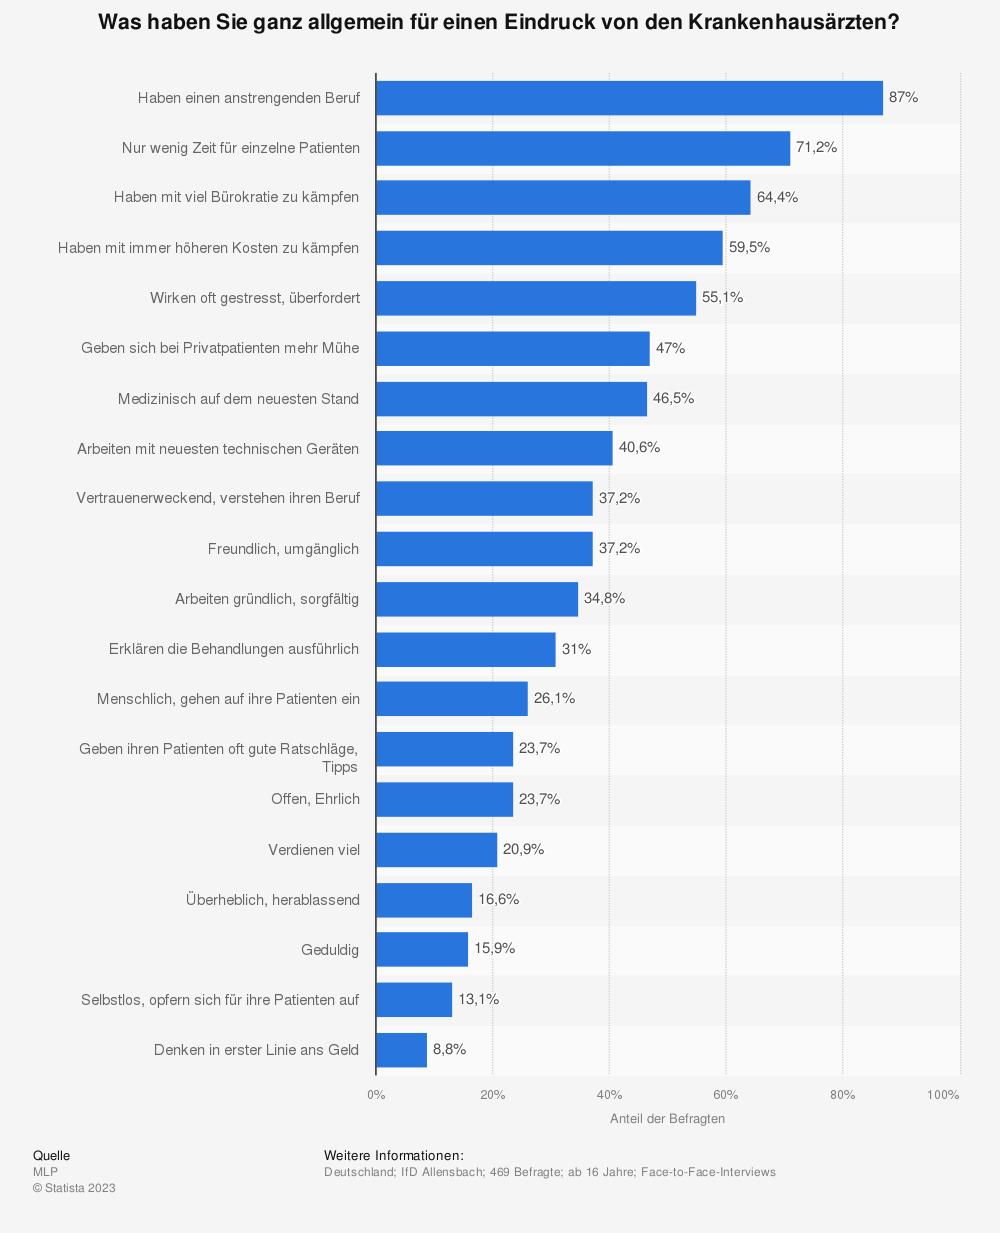 Statistik: Was haben Sie ganz allgemein für einen Eindruck von den Krankenhausärzten? | Statista